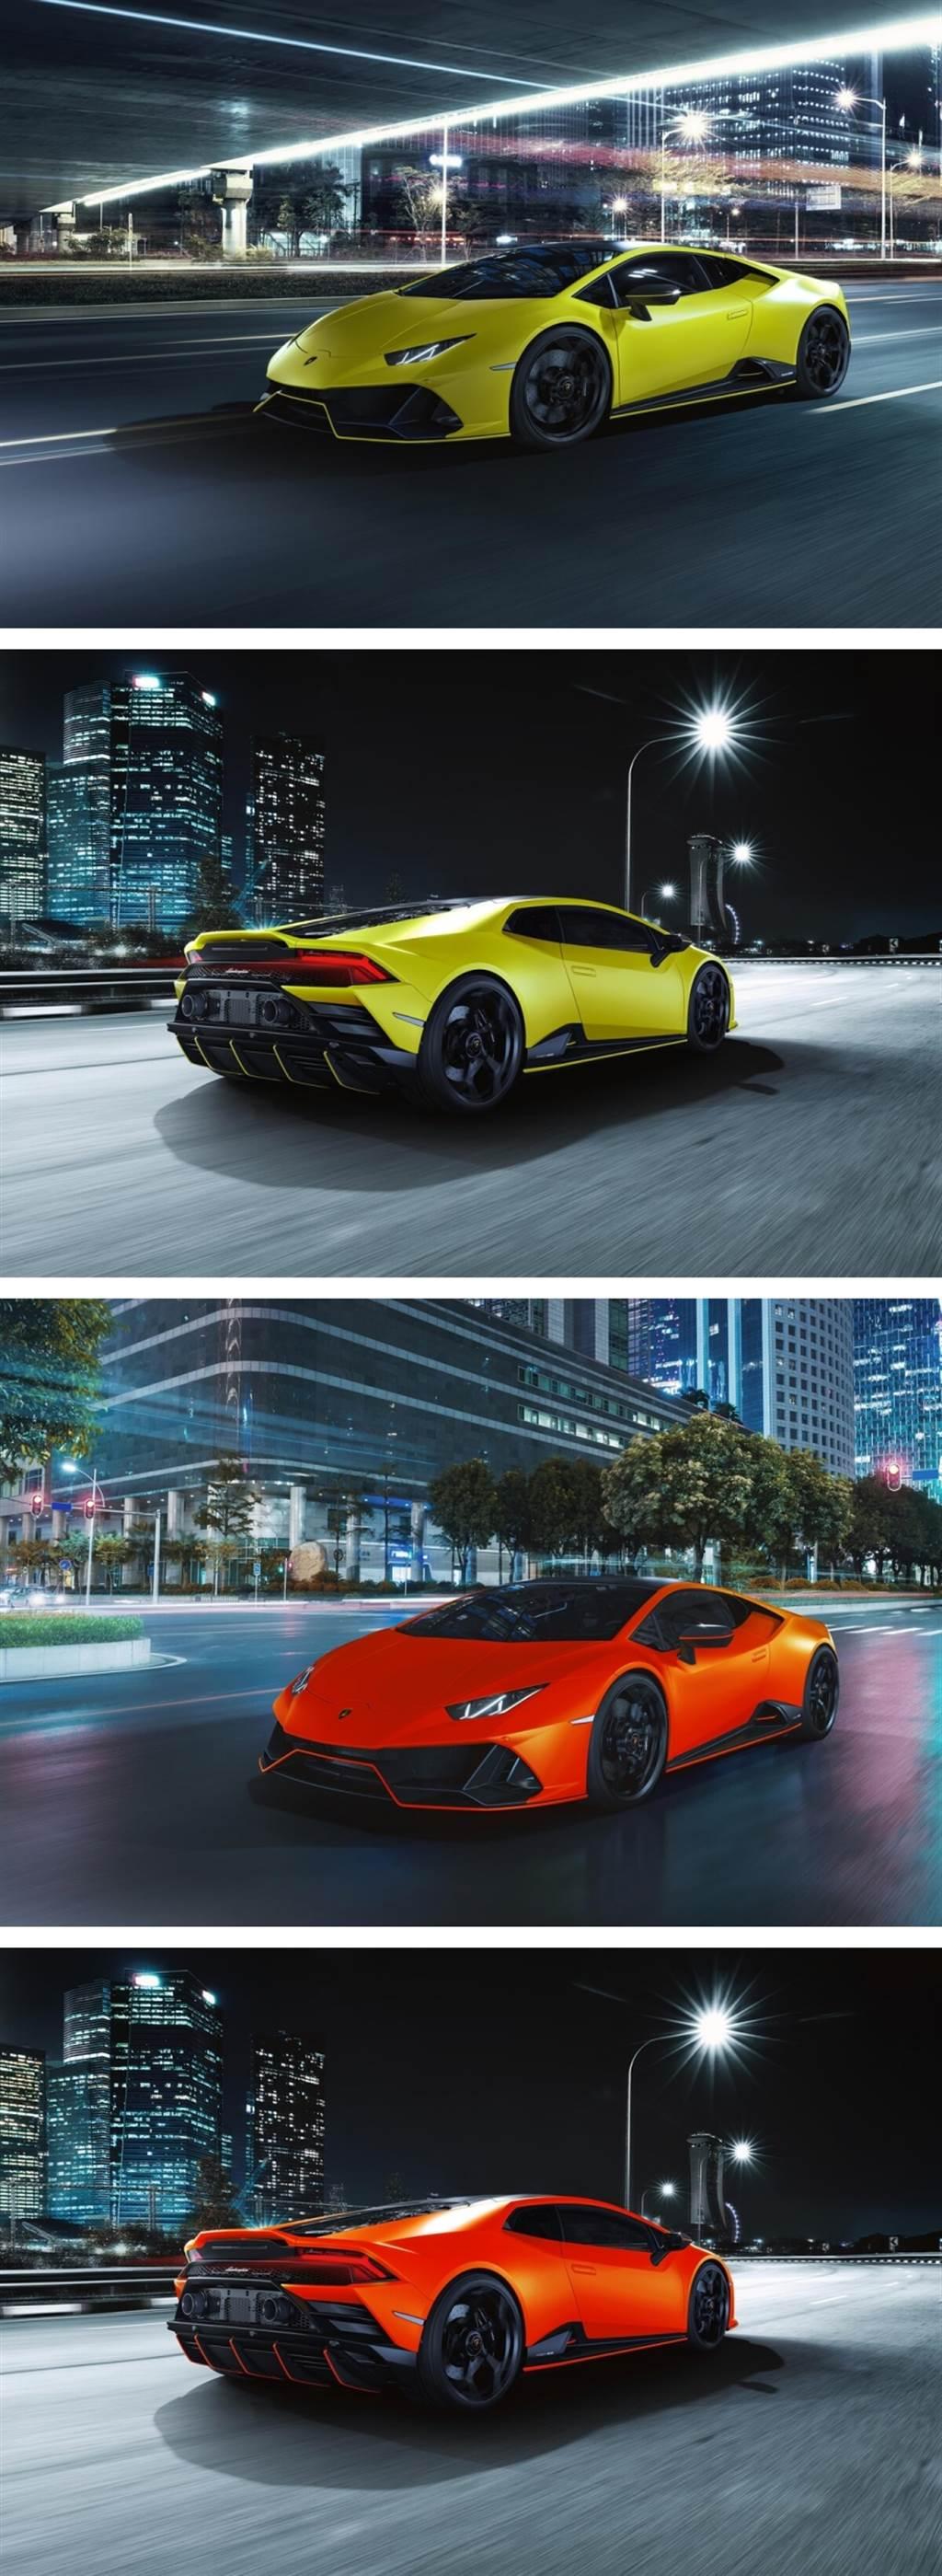 即使消光也要五彩繽紛!Lamborghini推出Huracán EVO Fluo Capsule彩色消光系列